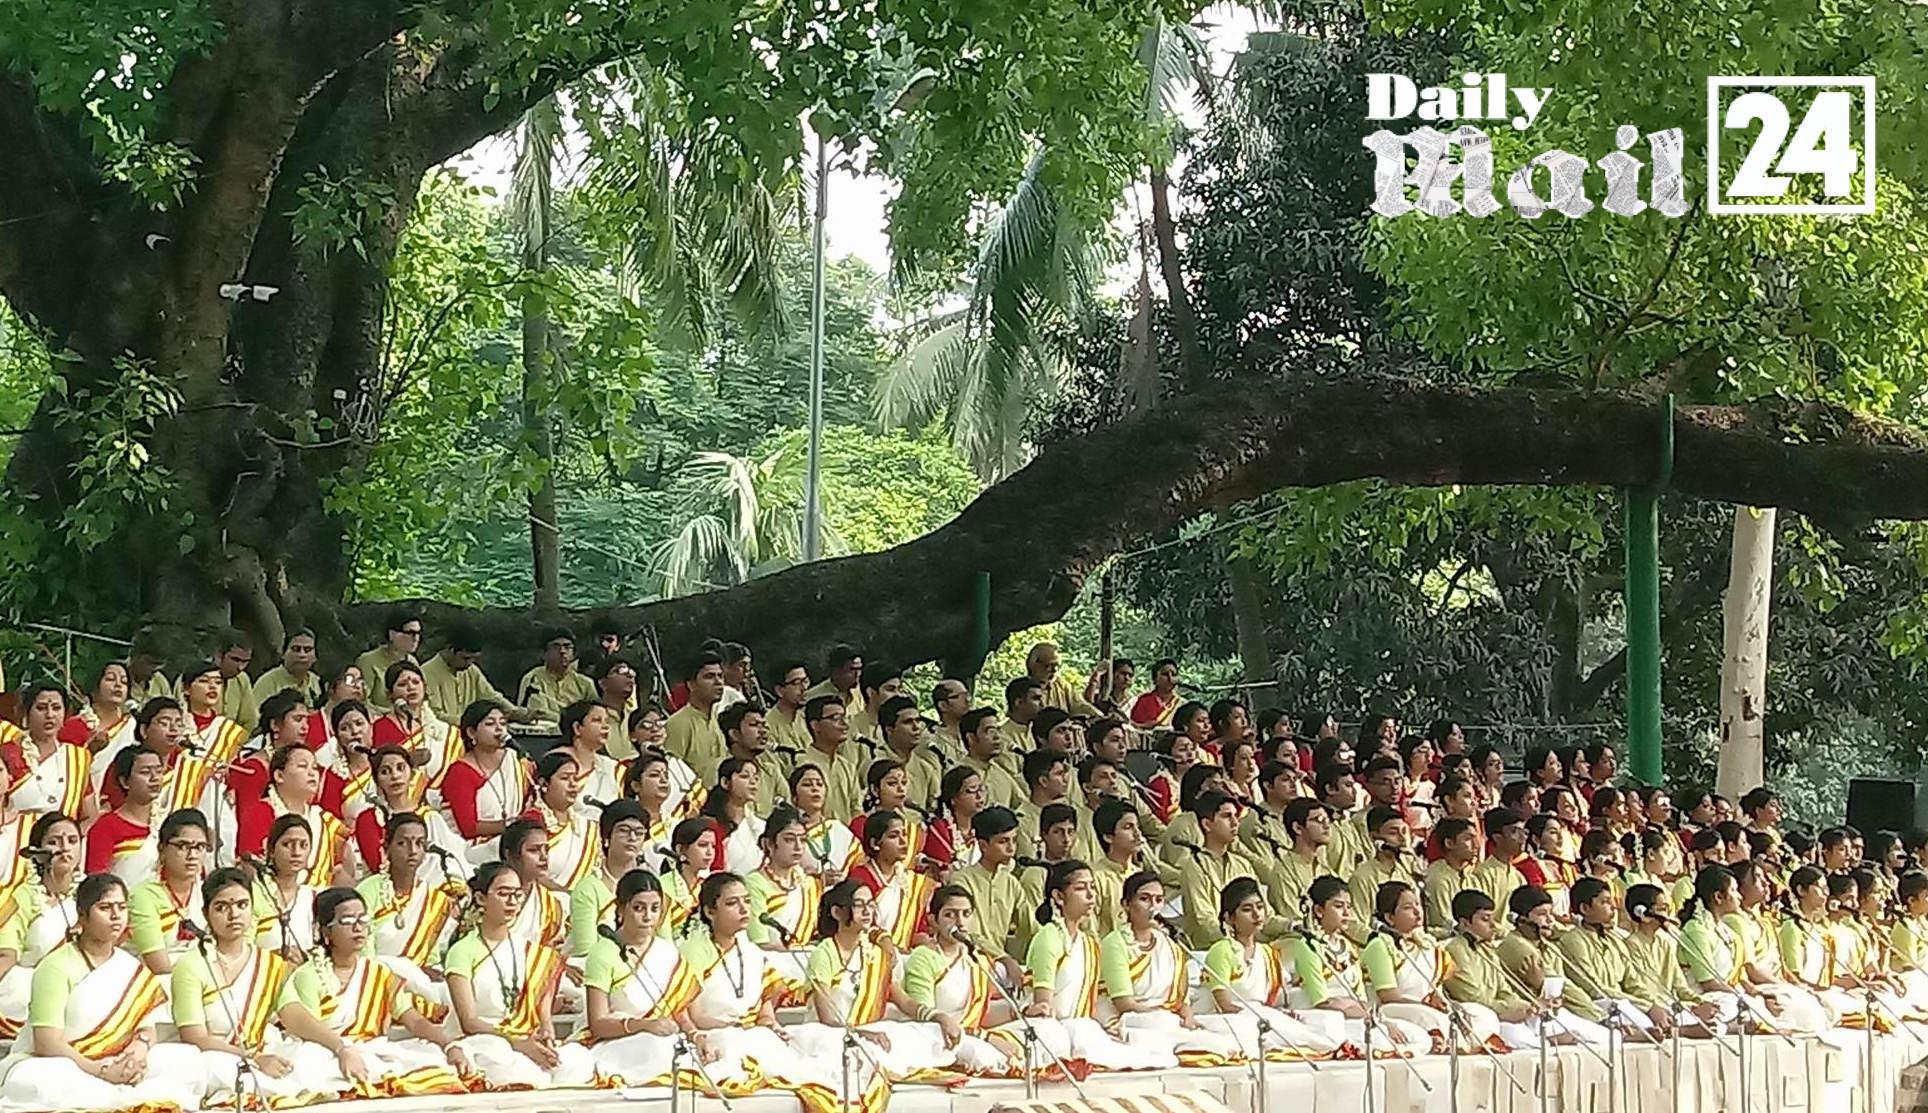 সুর-তাল-ছন্দেরমনা বটমূলে বর্ষবরণ ১